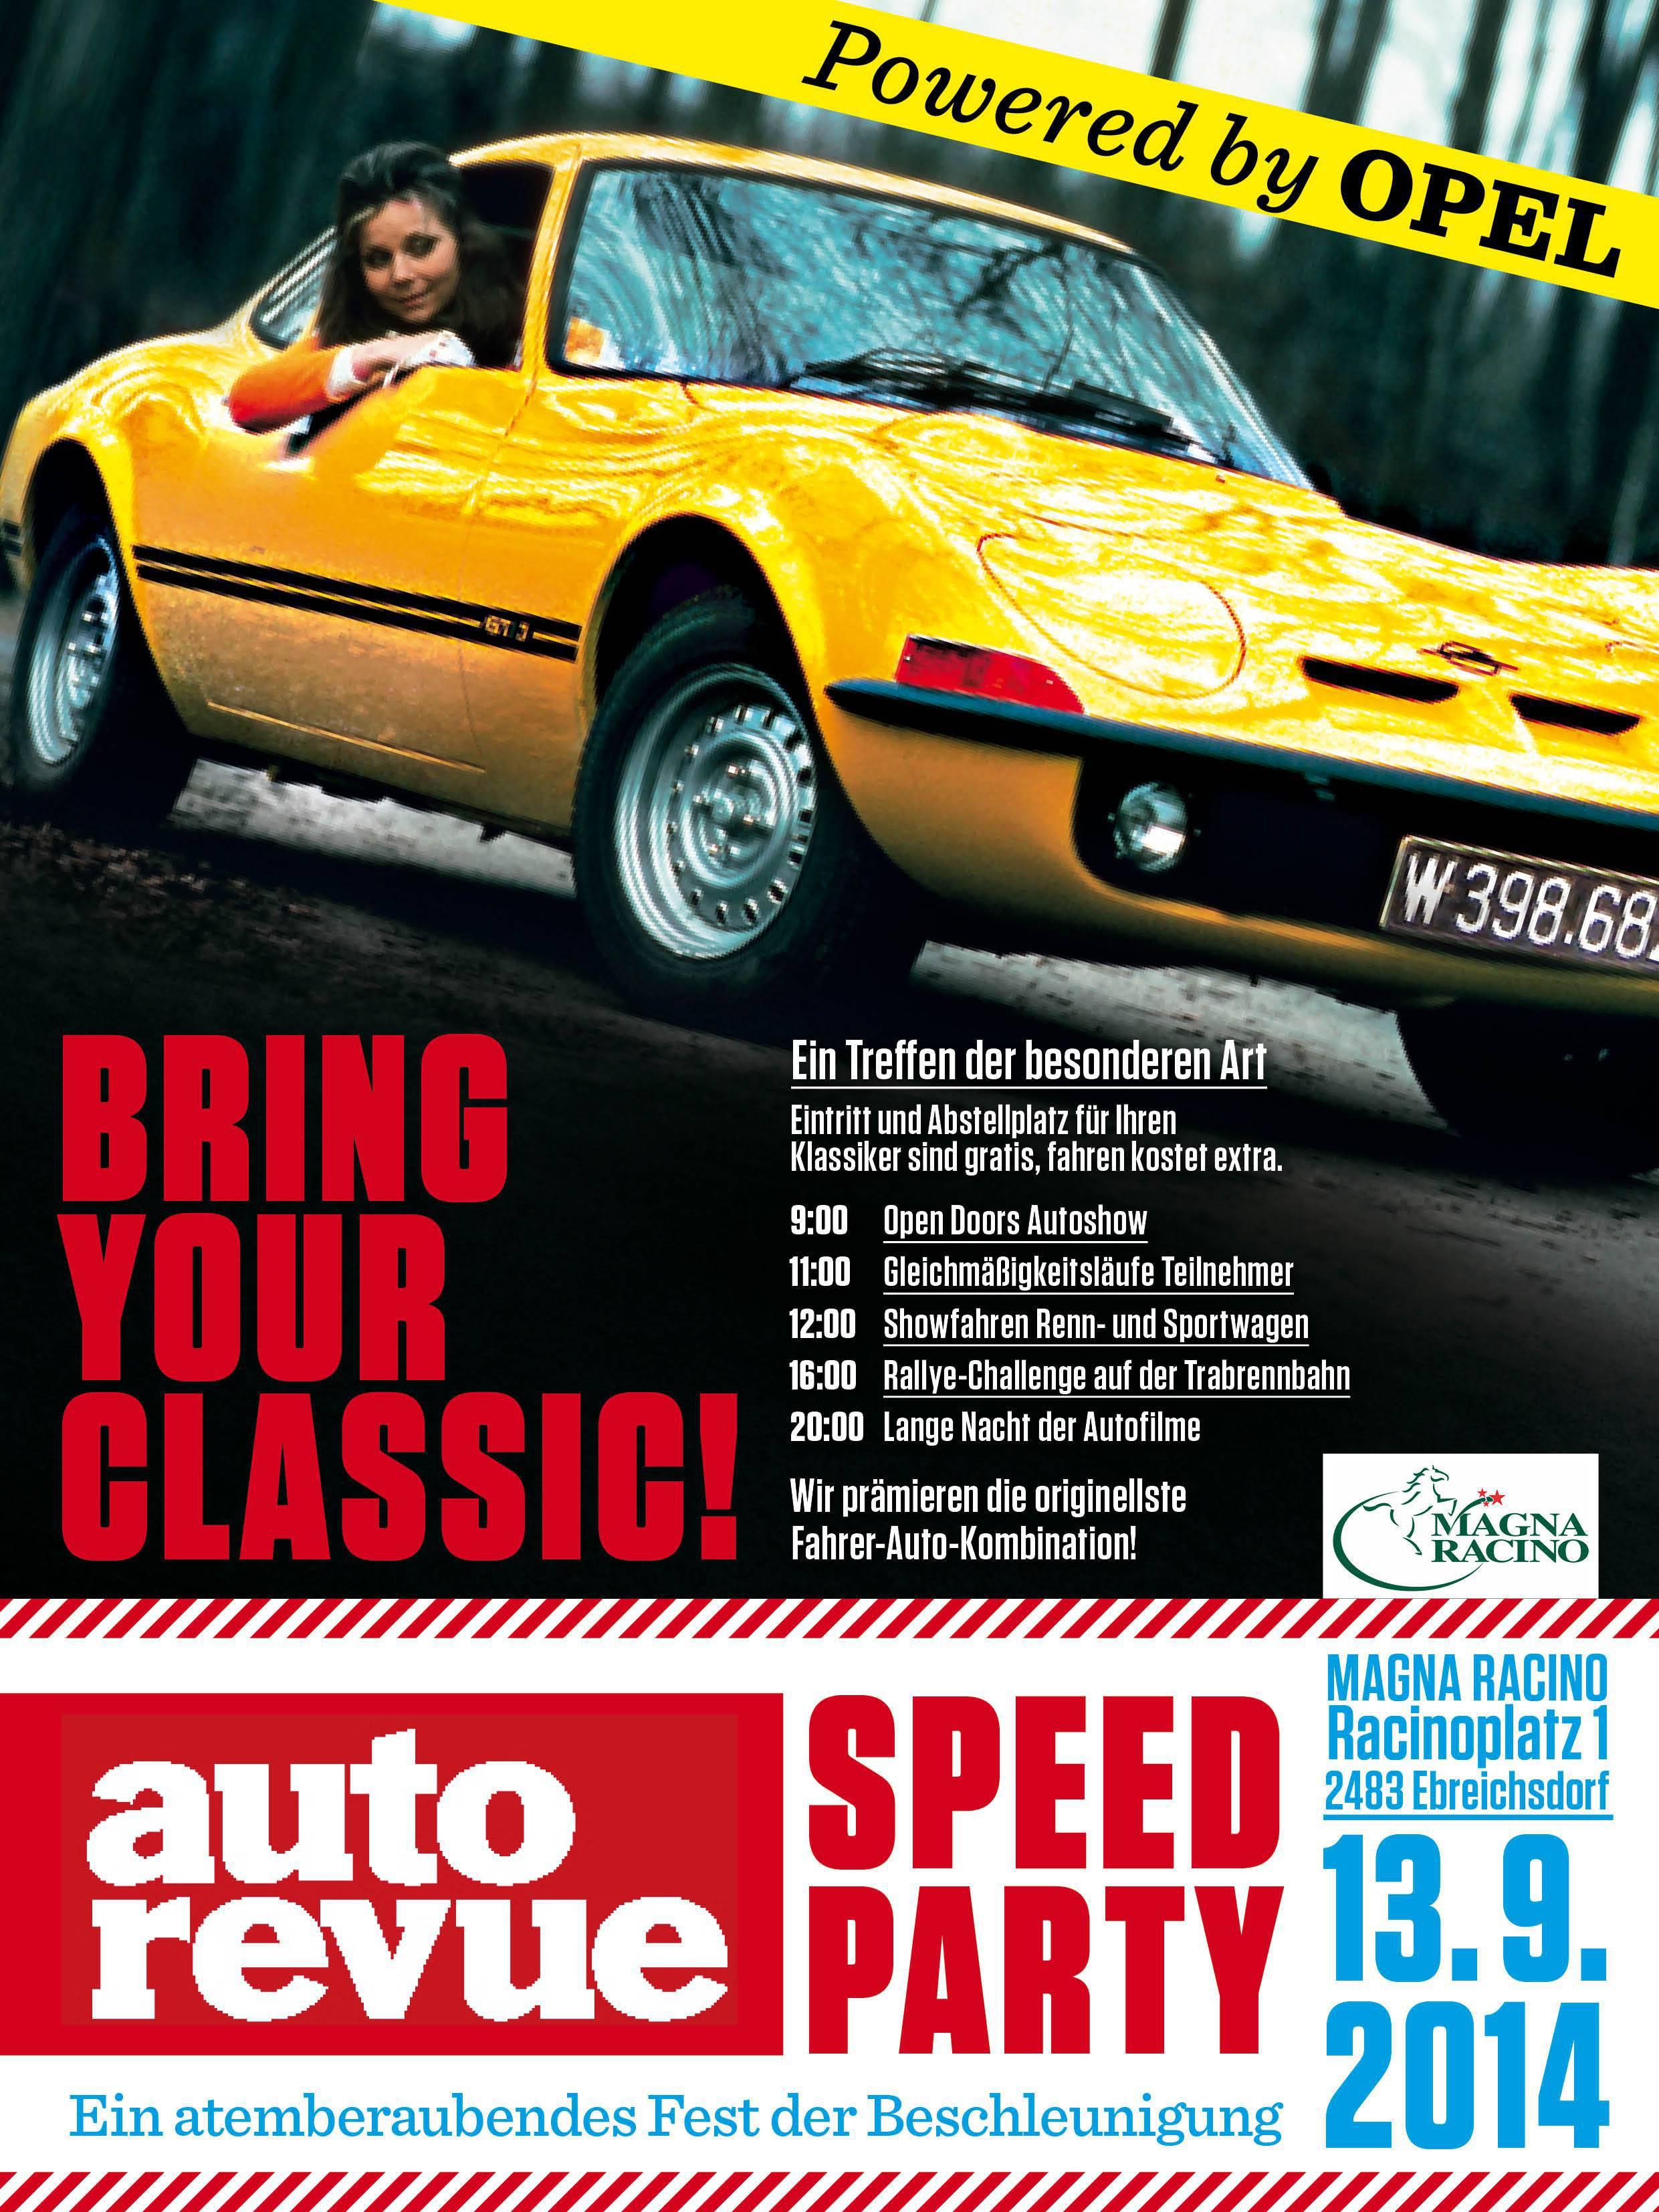 Autorevue Speed Party Anmeldung ANmeldeschluss